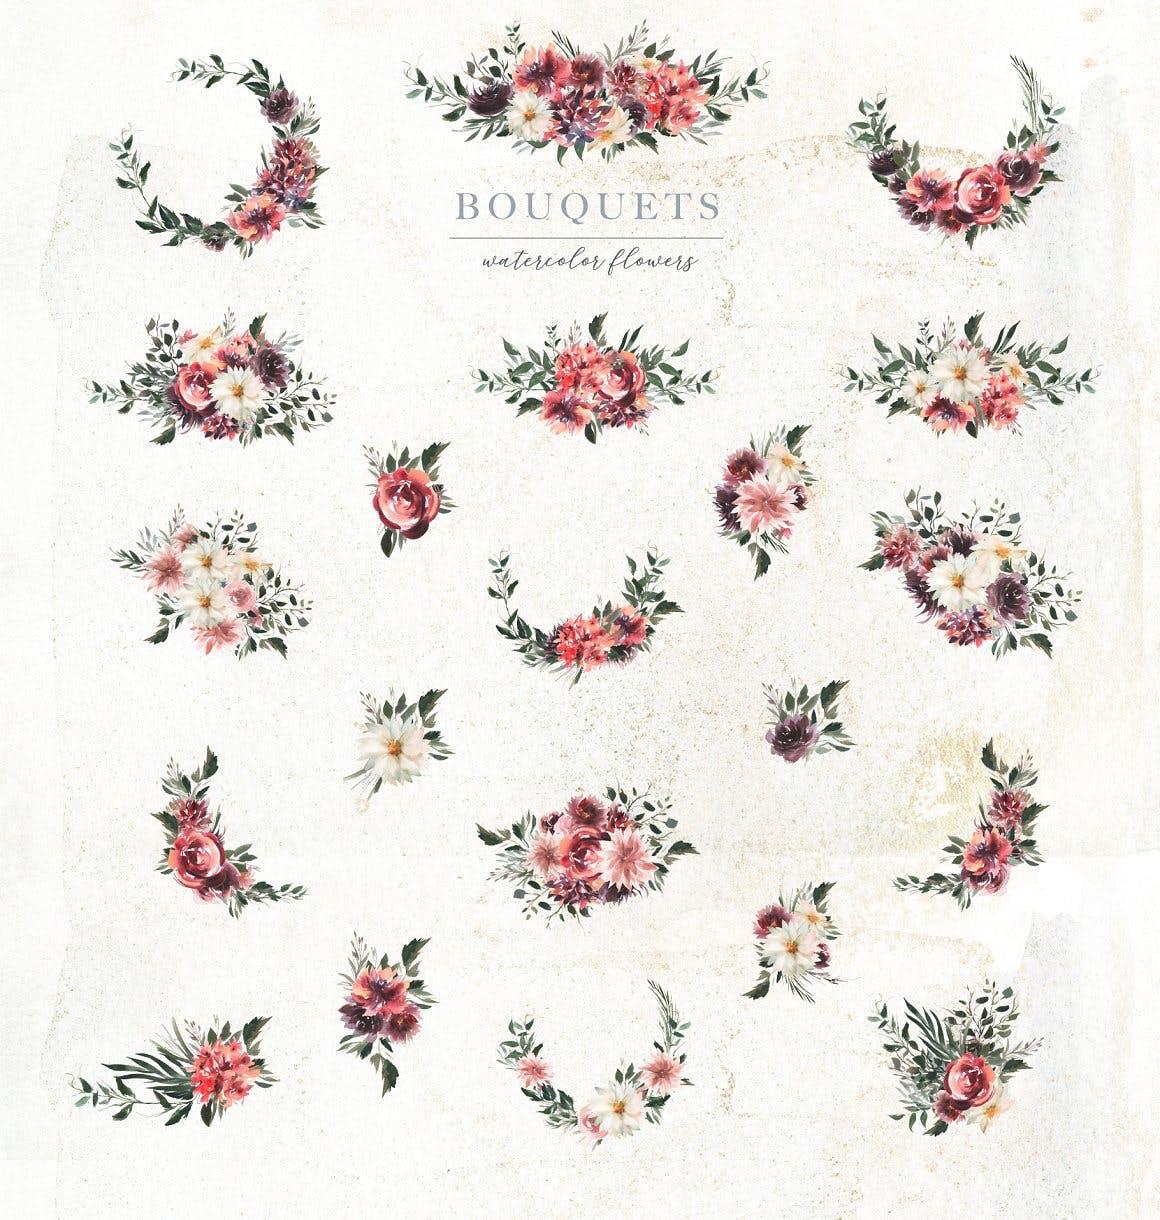 39款玫瑰花花卉手绘水彩画图片设计素材 Watercolor White & Deep Red插图2